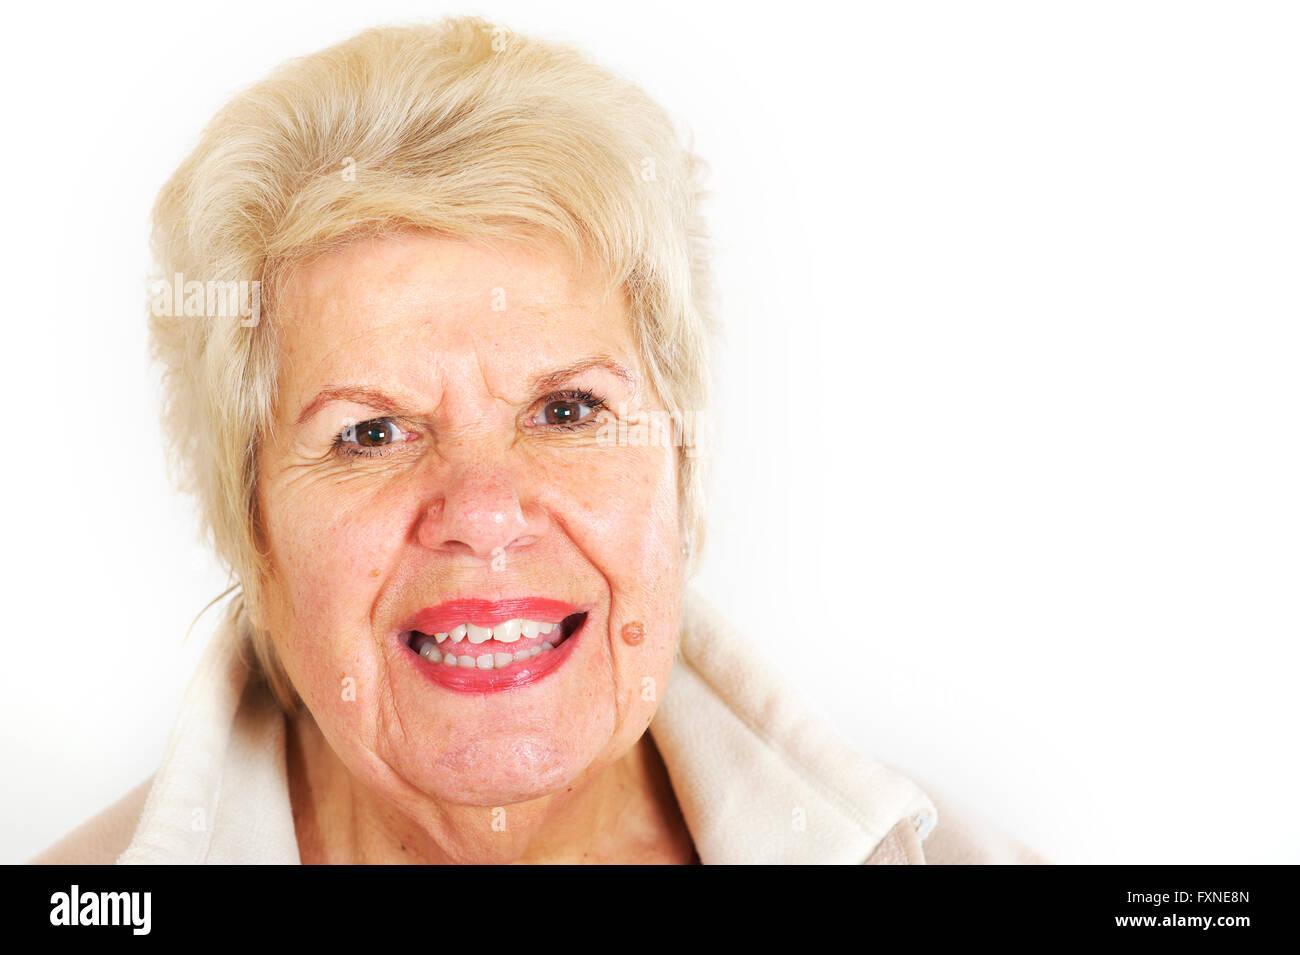 Capelli biondi donna matura nel suo 70's sorridente alla fotocamera. Immagini Stock